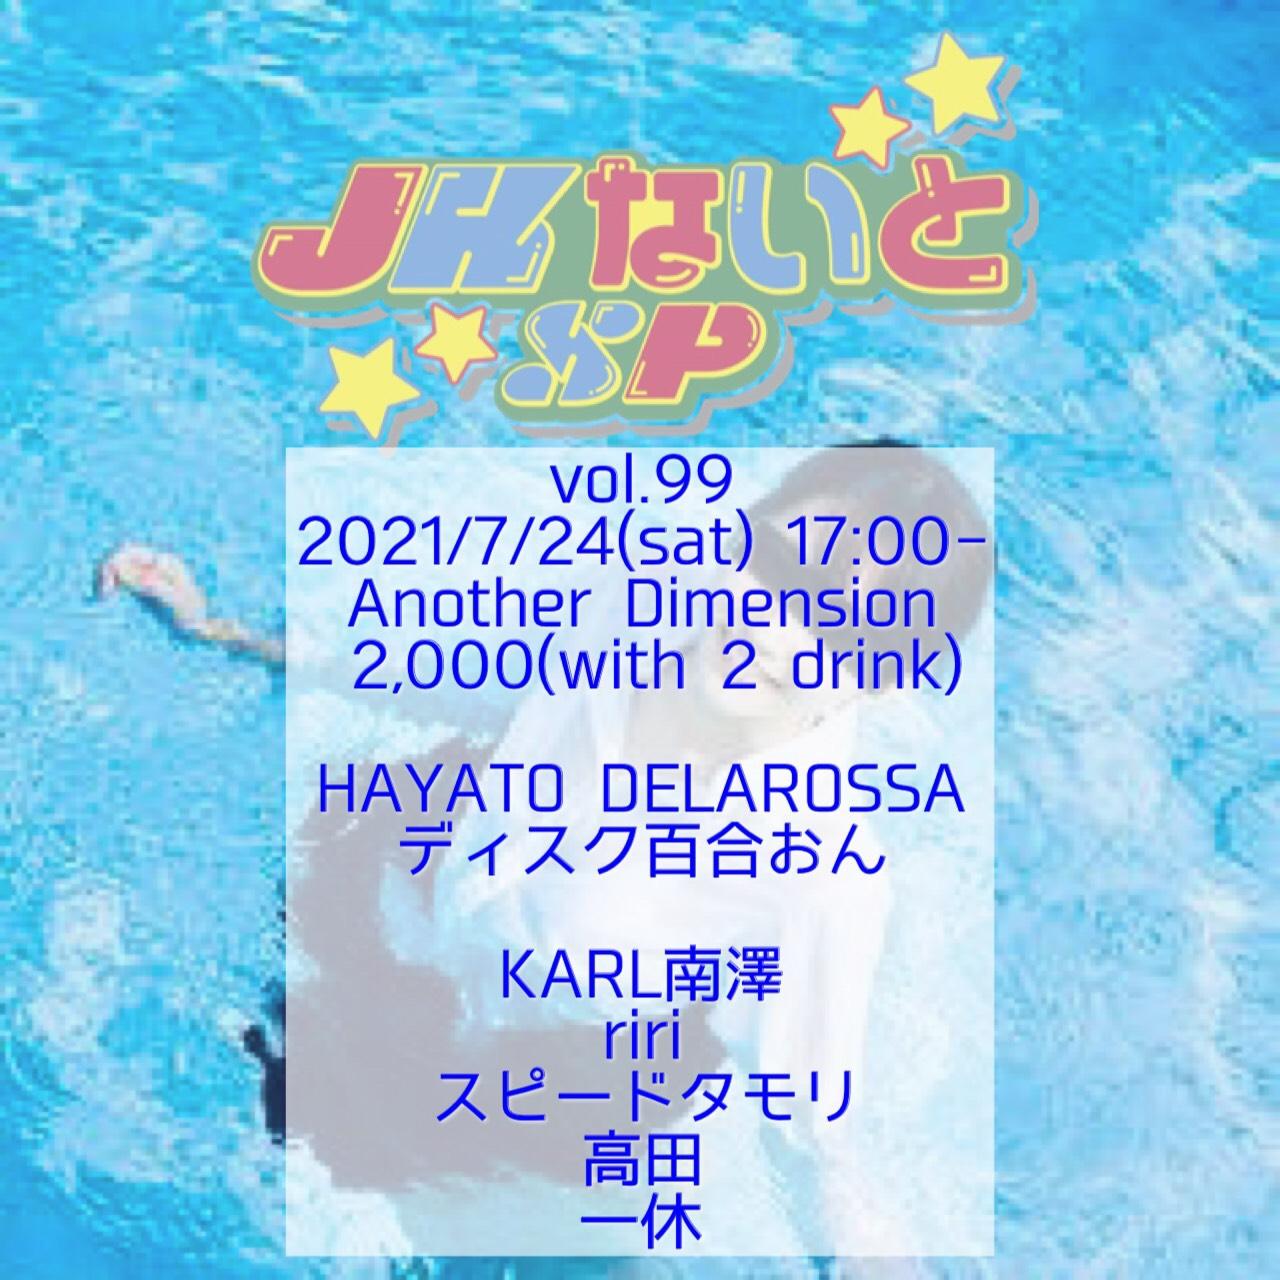 2021/7/24(sat)17:00- JKないとSP vol.99 日本語&ハングル楽曲DJパーティ